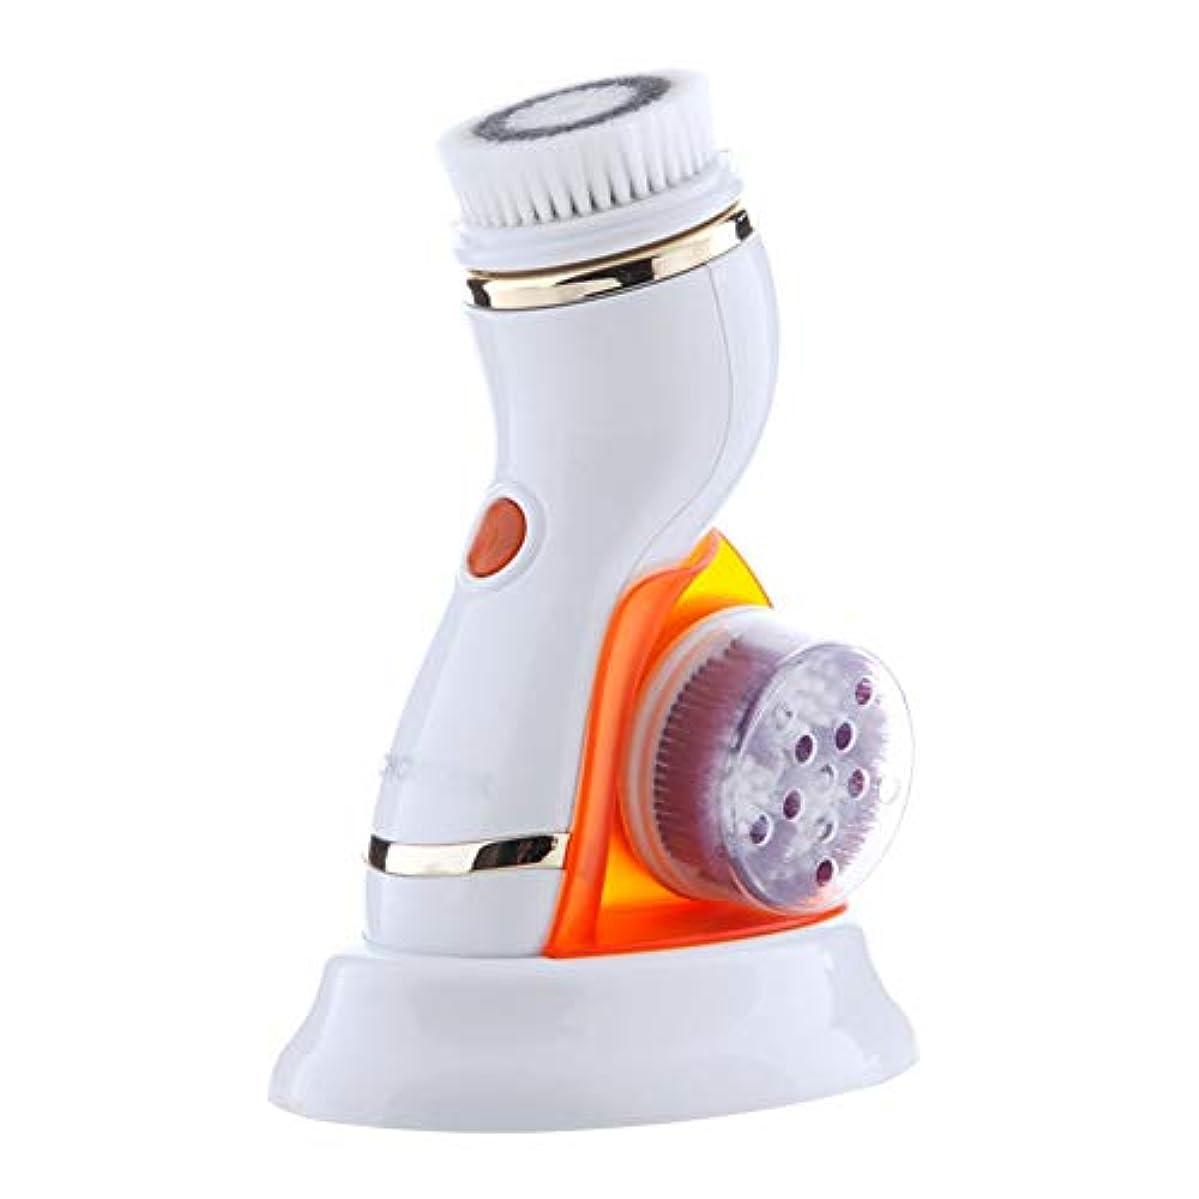 住居牽引微弱ZHILI 洗顔ブラシ、電気洗顔料洗顔ブラシ洗顔ブラシ洗顔ポアクリーナー (Color : Orange)